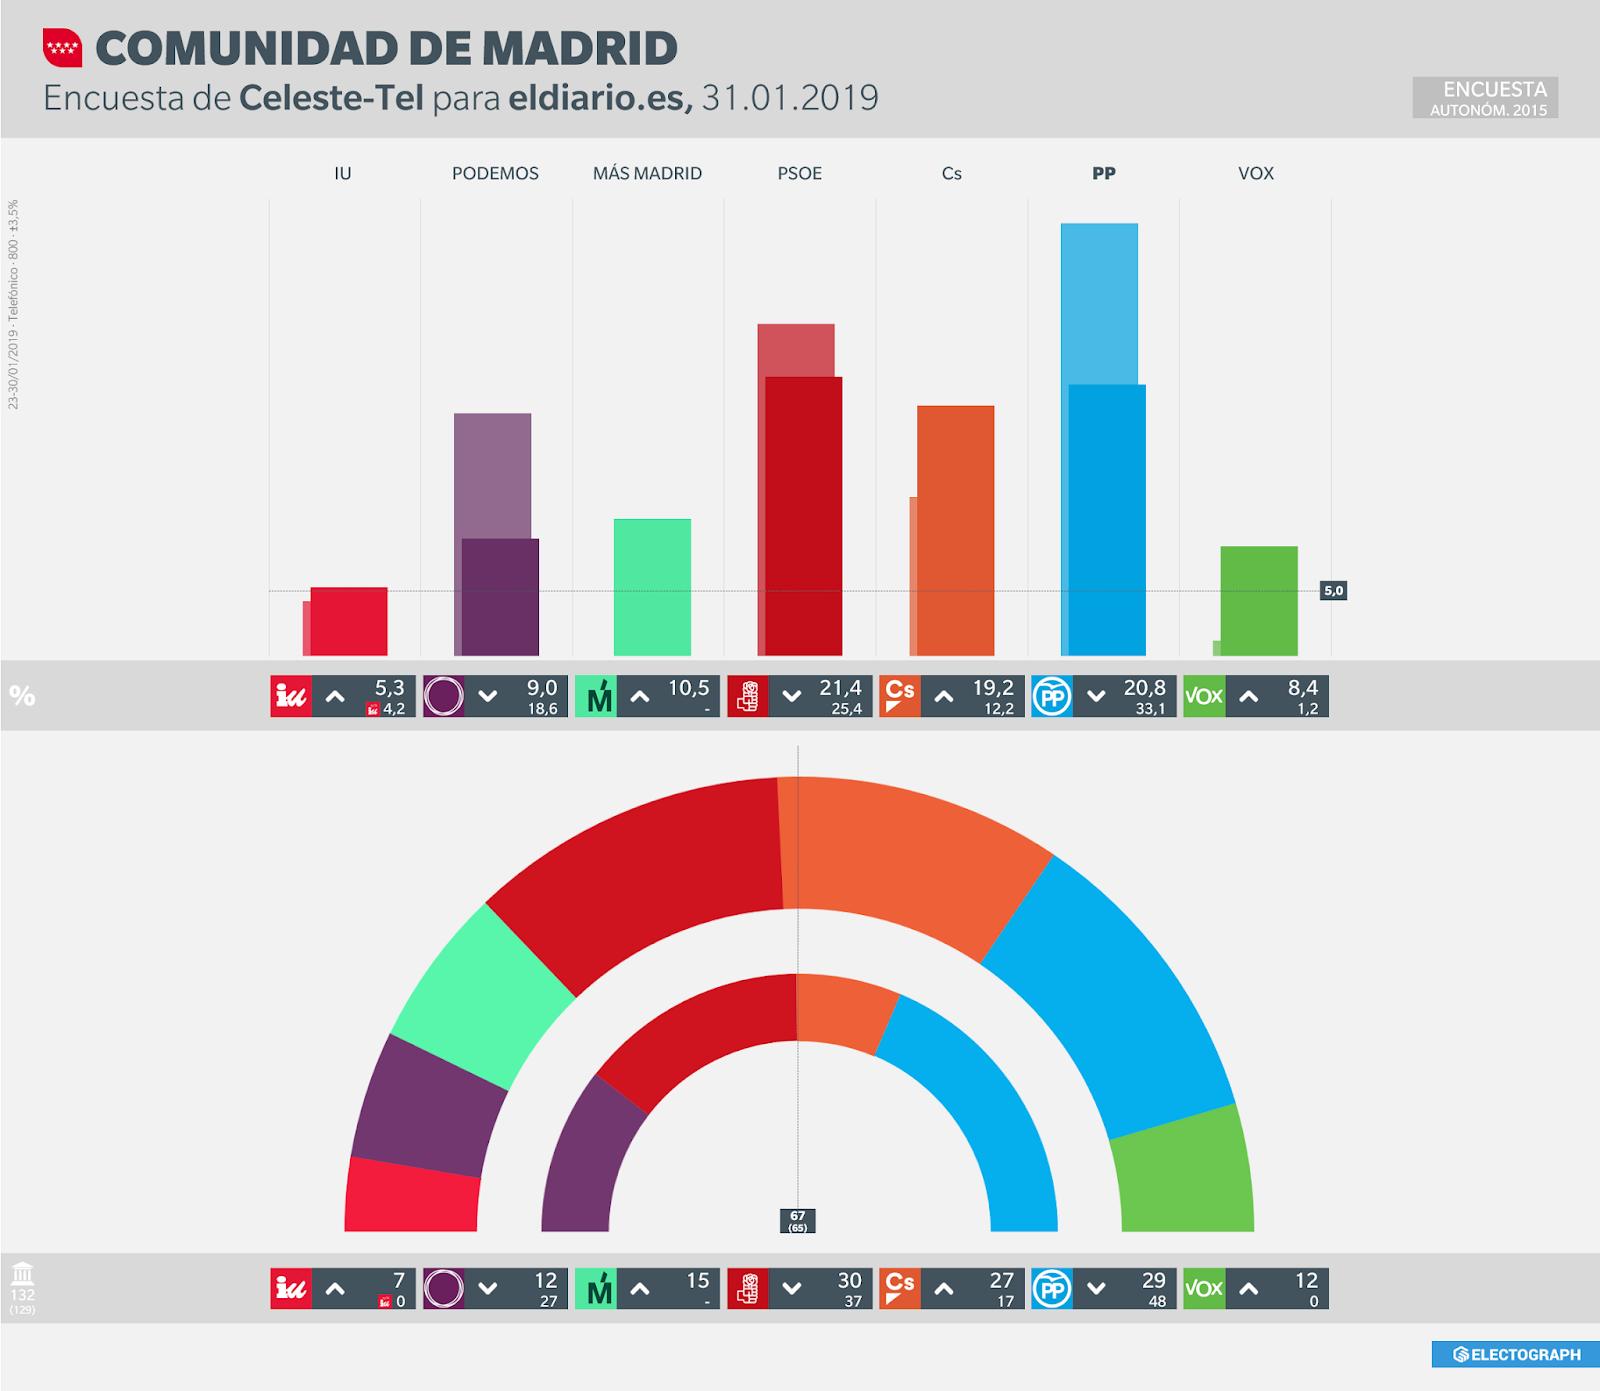 Gráfico de la encuesta para elecciones autonómicas en la Comunidad de Madrid realizada por Celeste-Tel para eldiario.es, 31 de enero de 2019